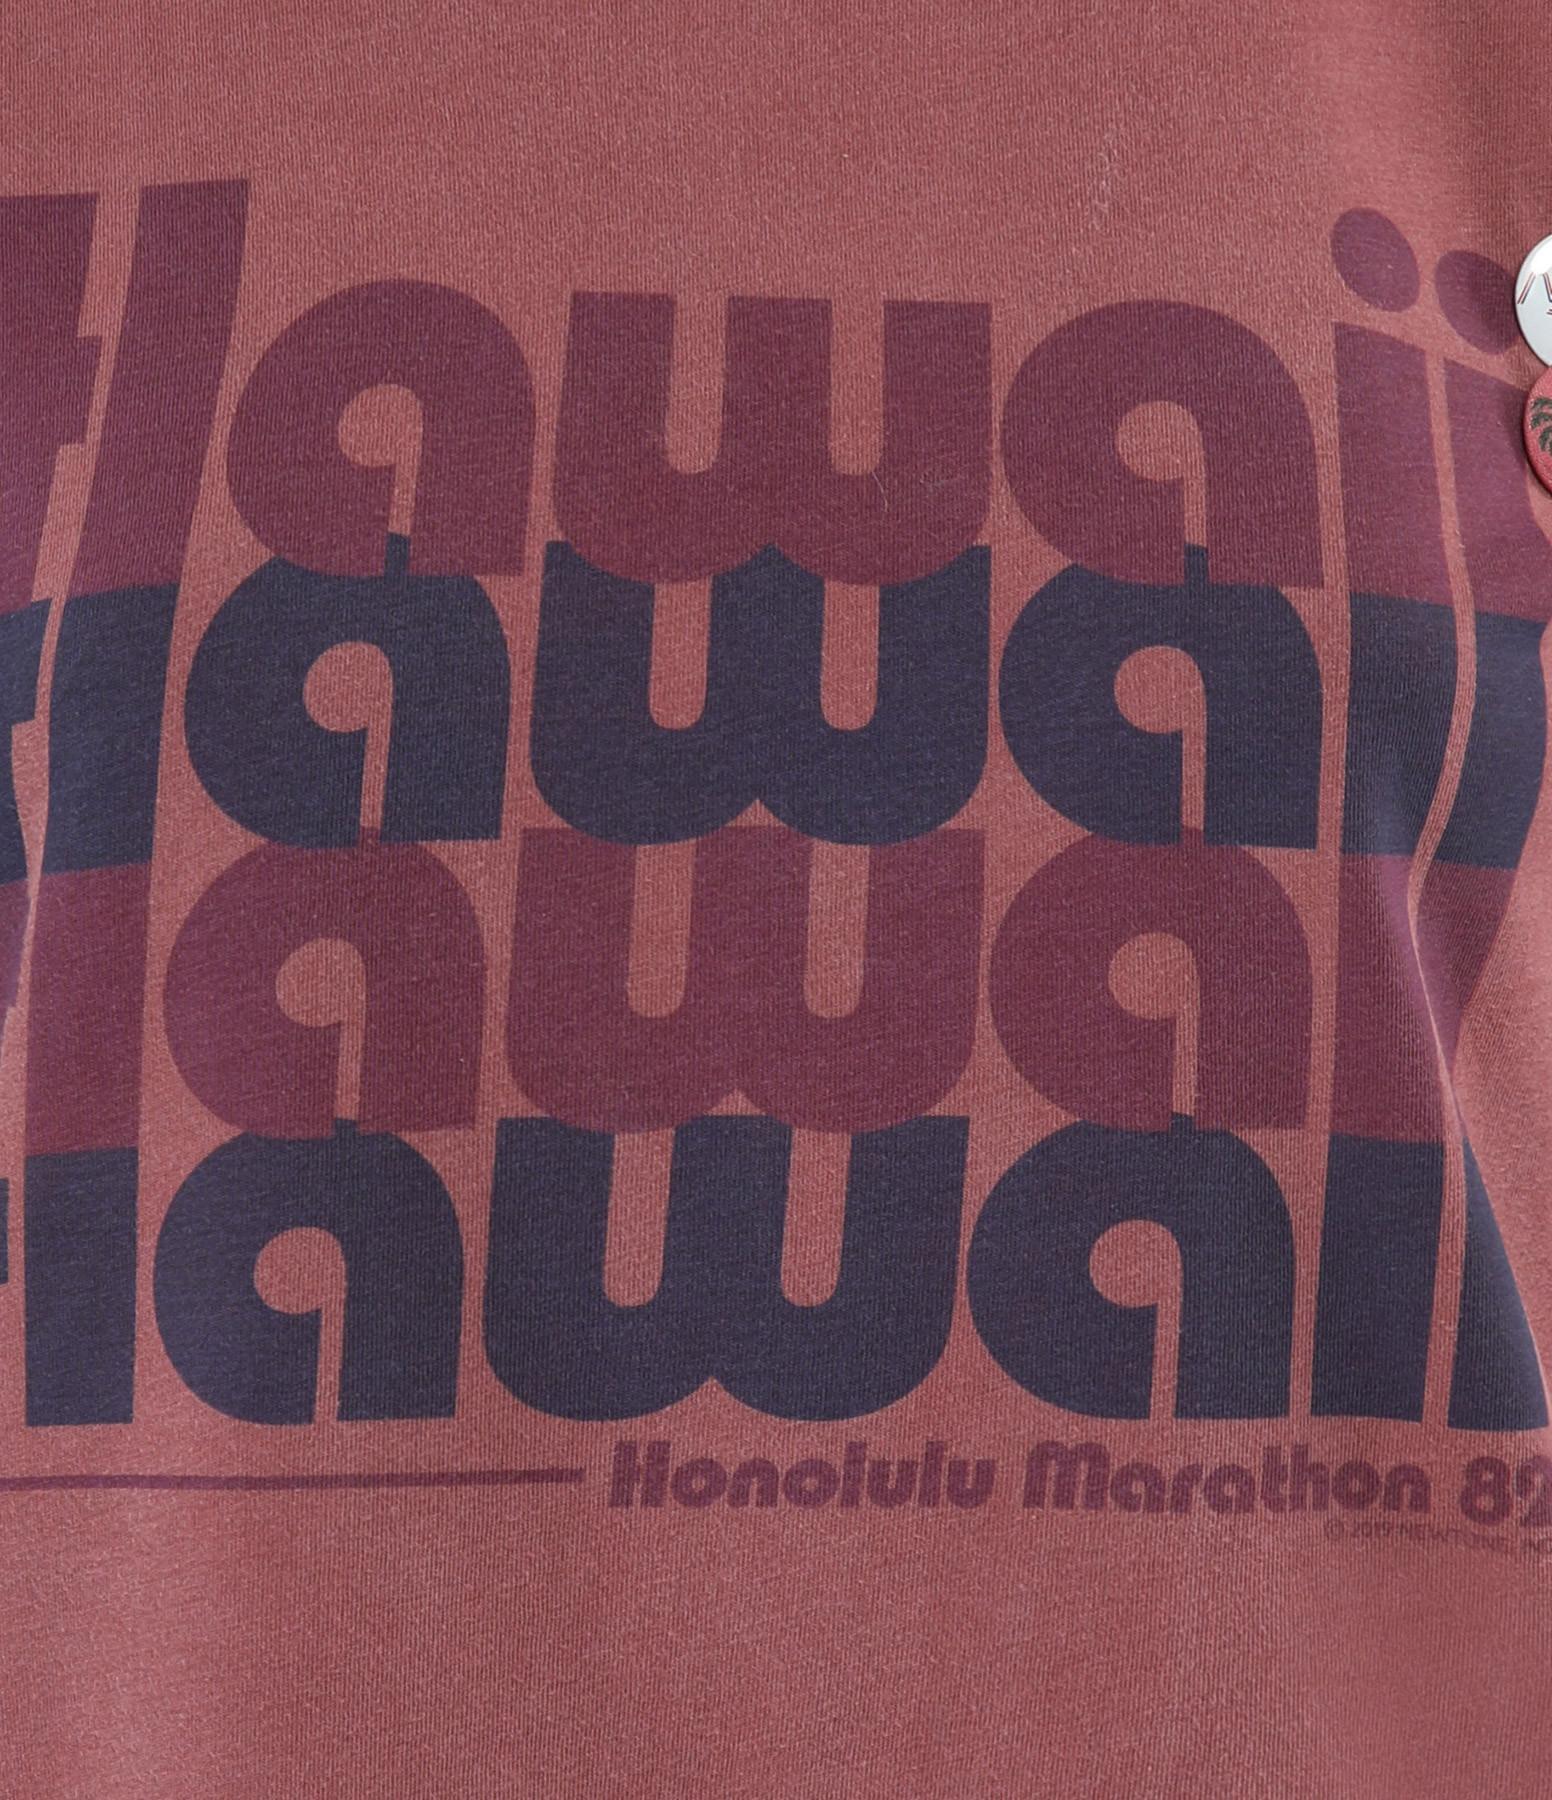 NEWTONE - Tee-shirt Hawaii Coton Brick